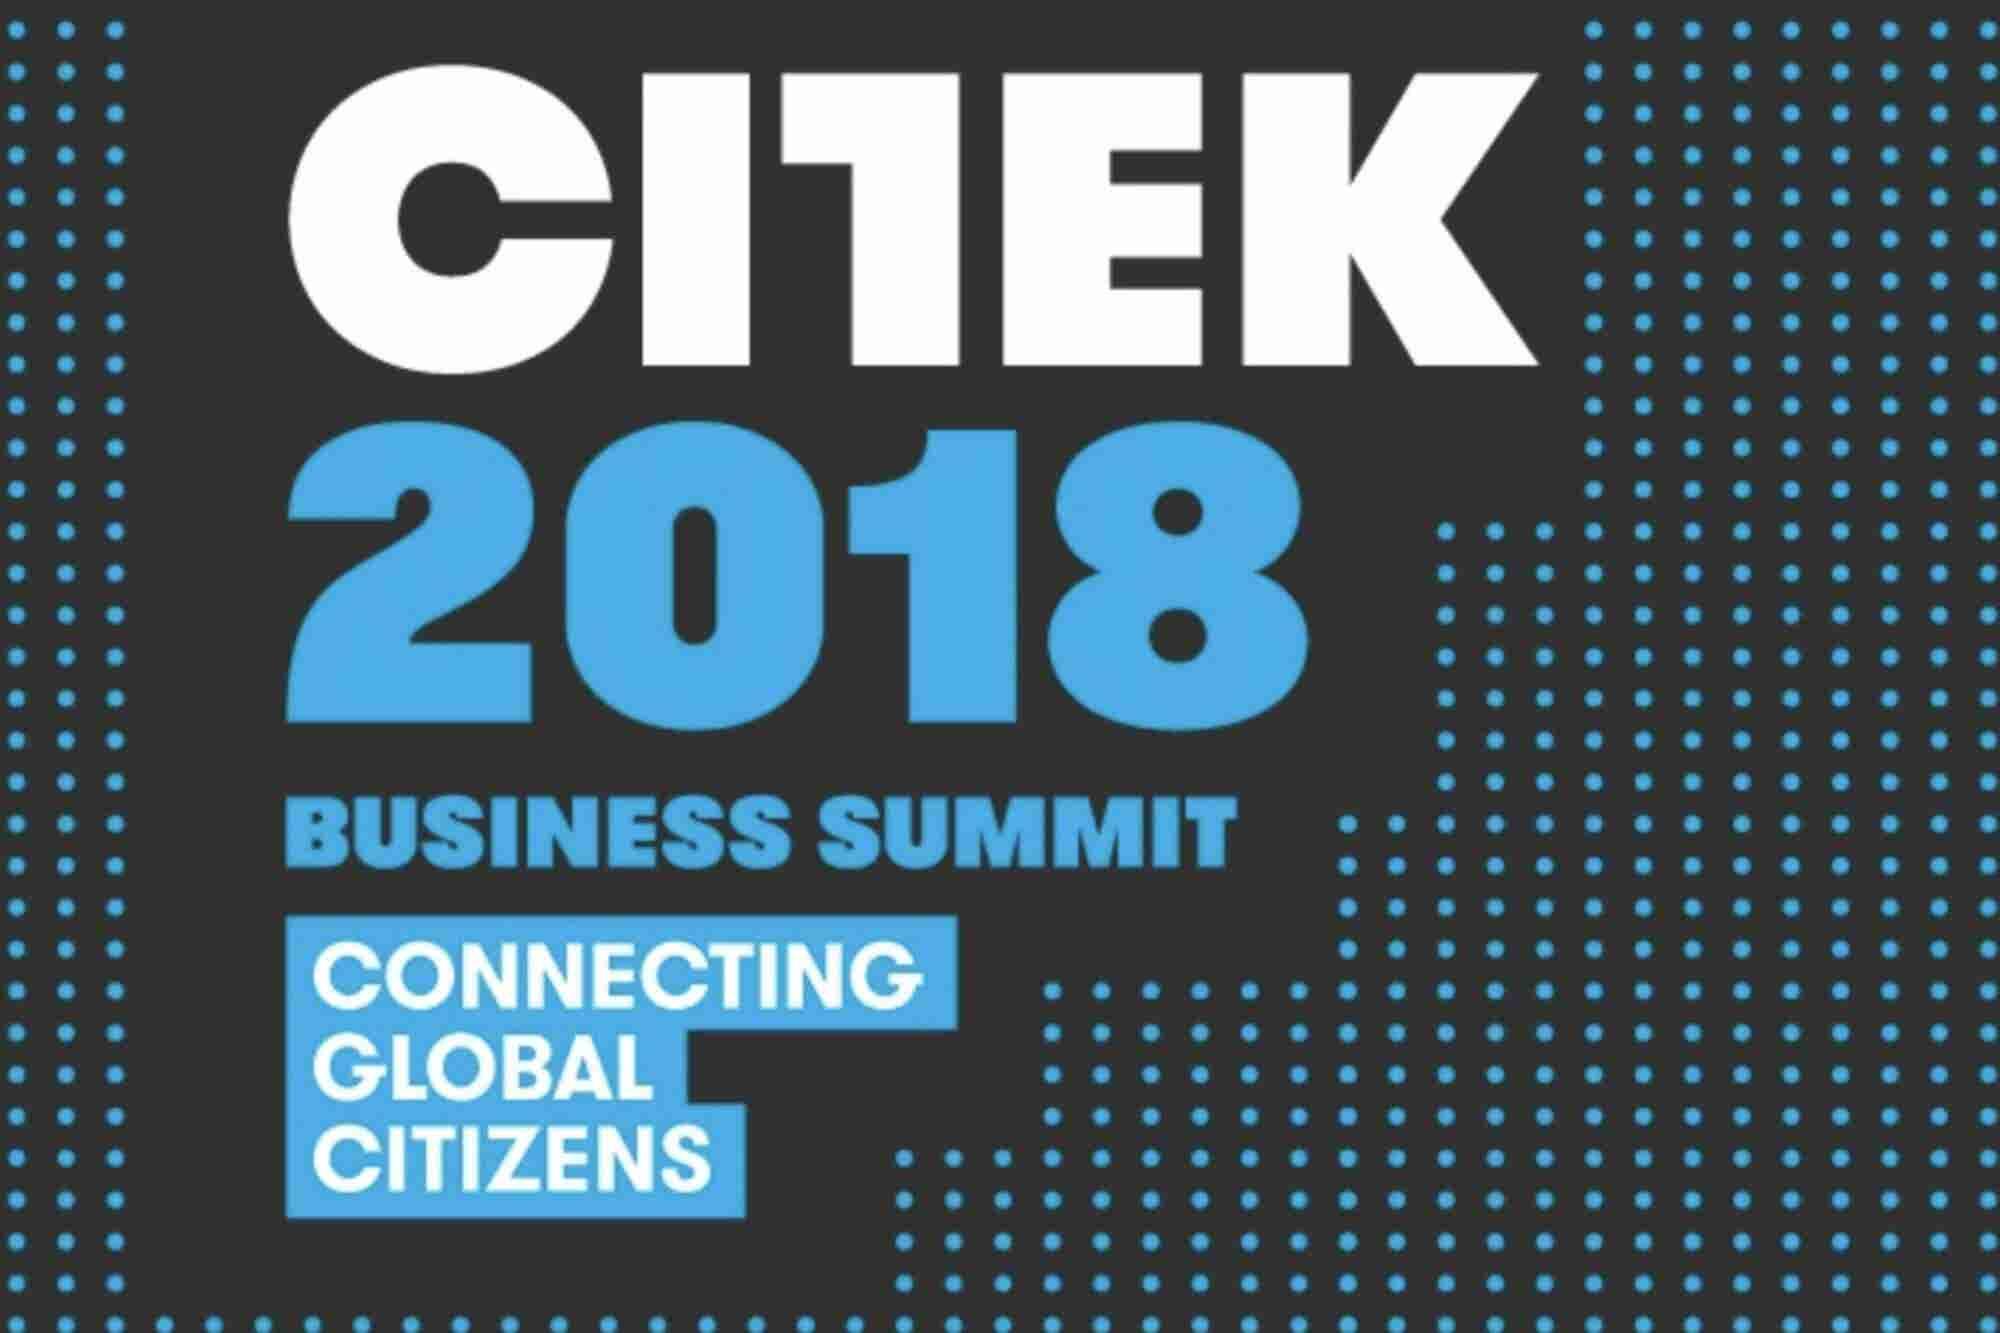 ¿Quieres ser un líder que transforme al mundo? CITEK 2018 es el evento para ti